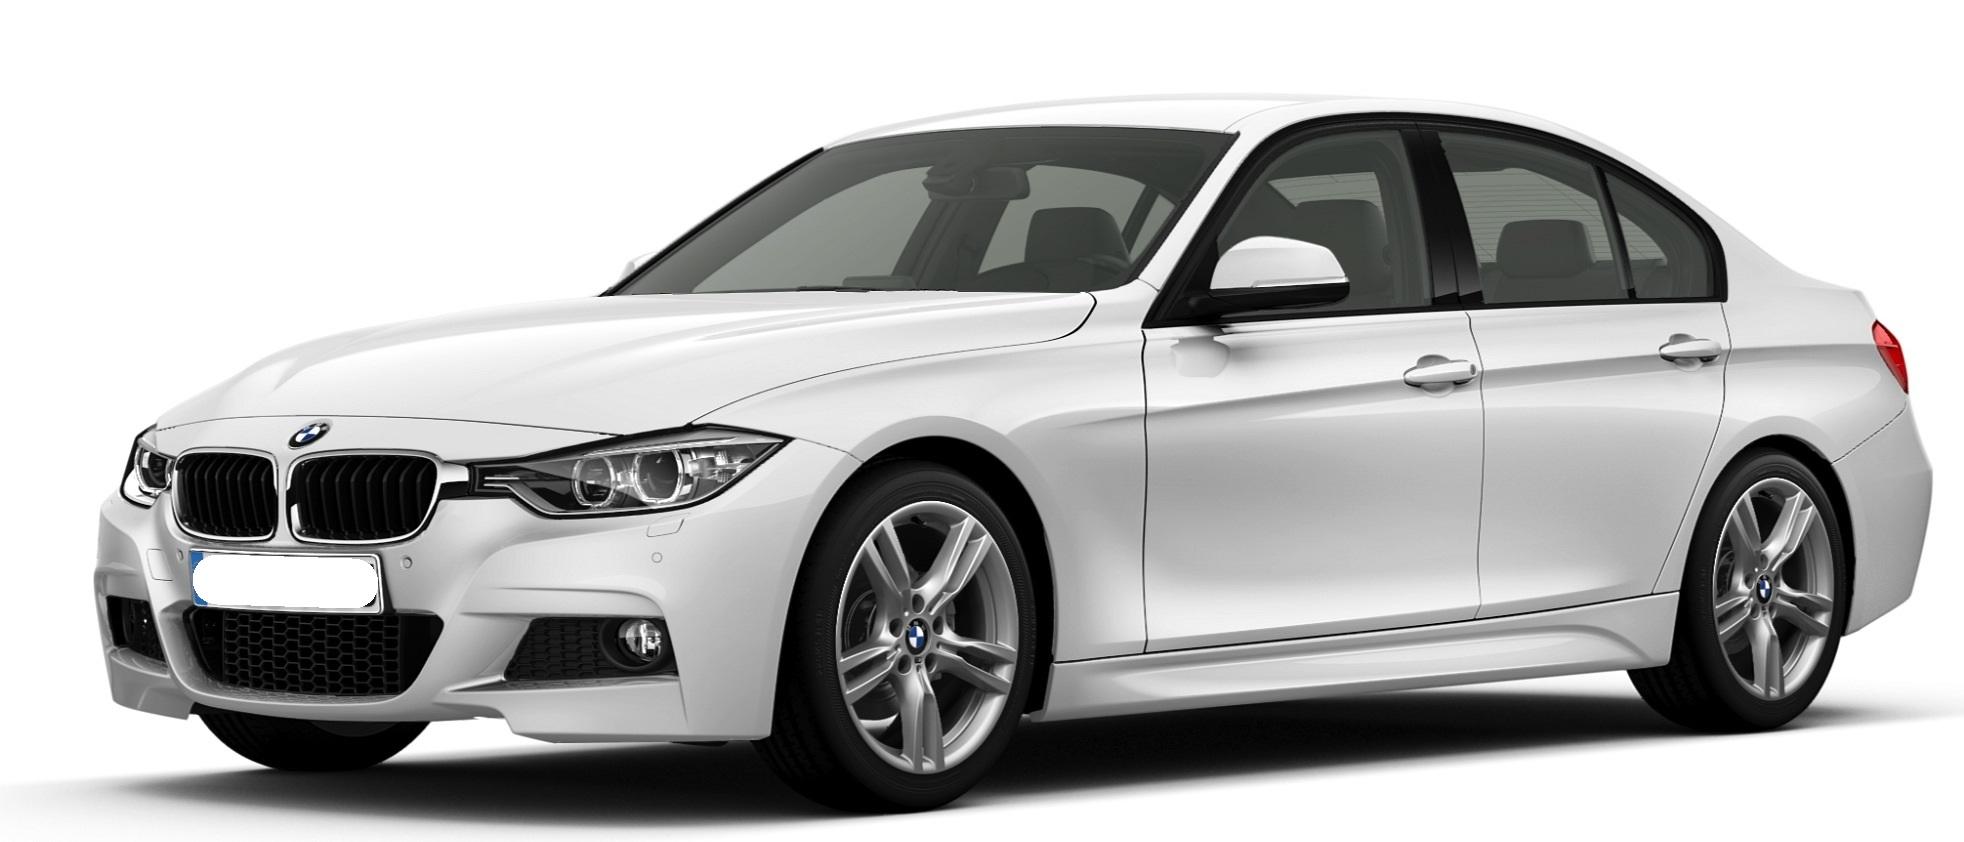 BMW 318d - wynajem samochodów śląsk